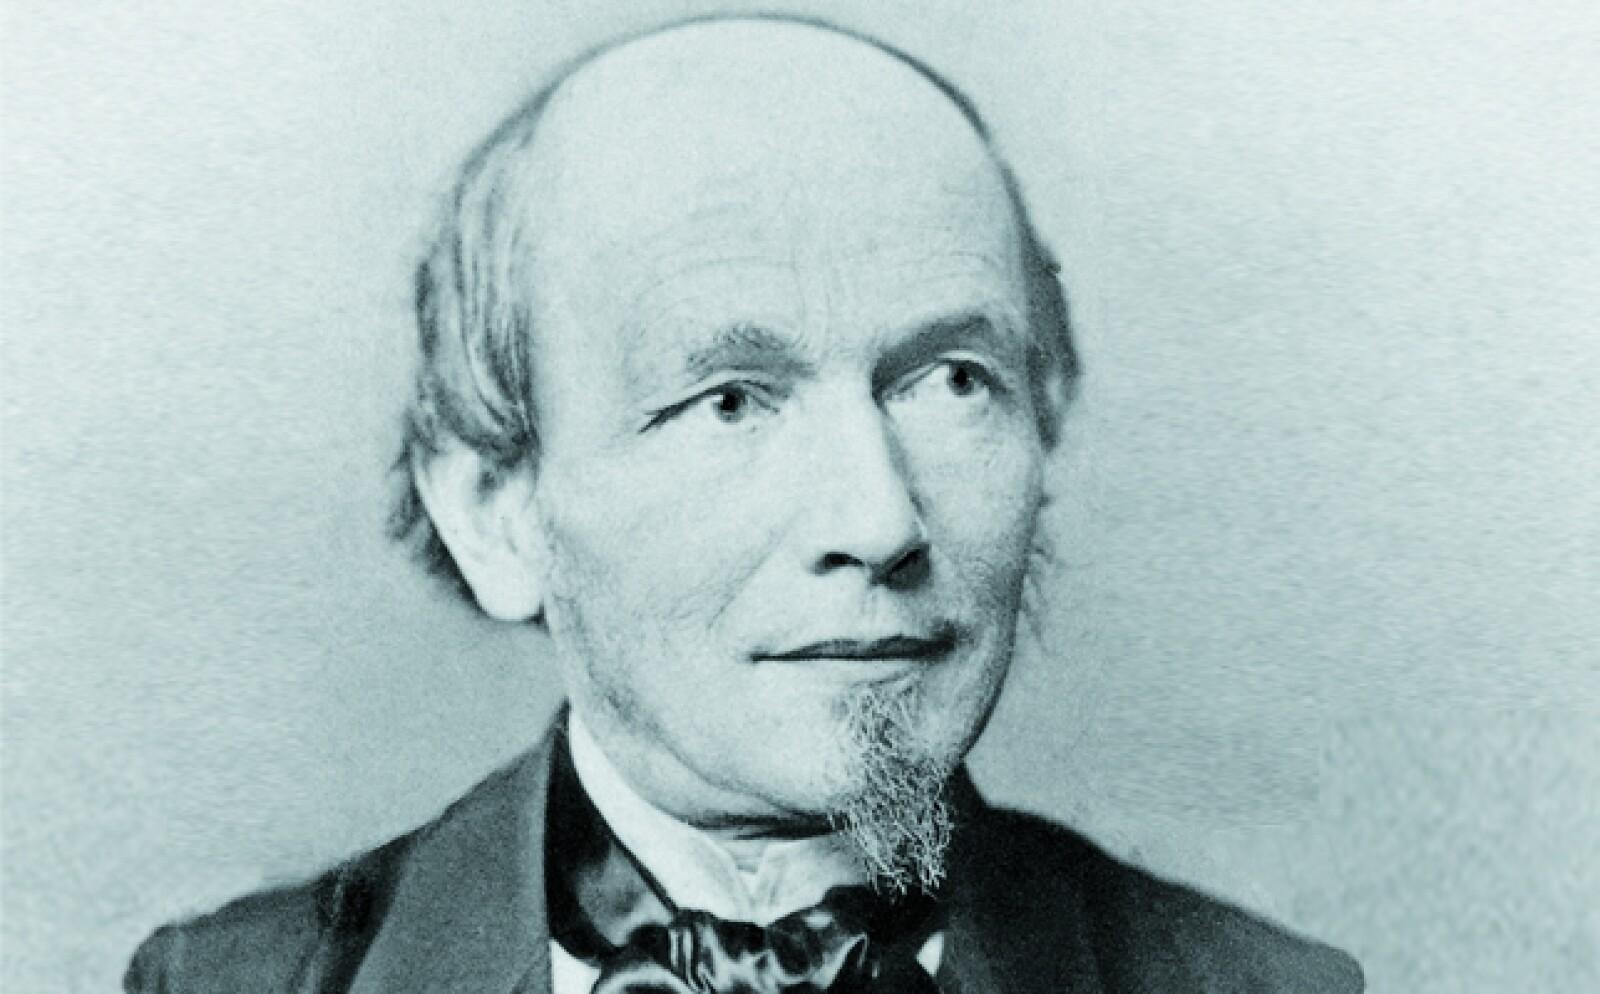 En 1845 fundó la casa relojera Lange & Söhne en el poblado de Glashütte, Alemania. También inventó la platina de tres cuartos, para aumentar la estabilidad y resistencia de los mecanismos de relojería.